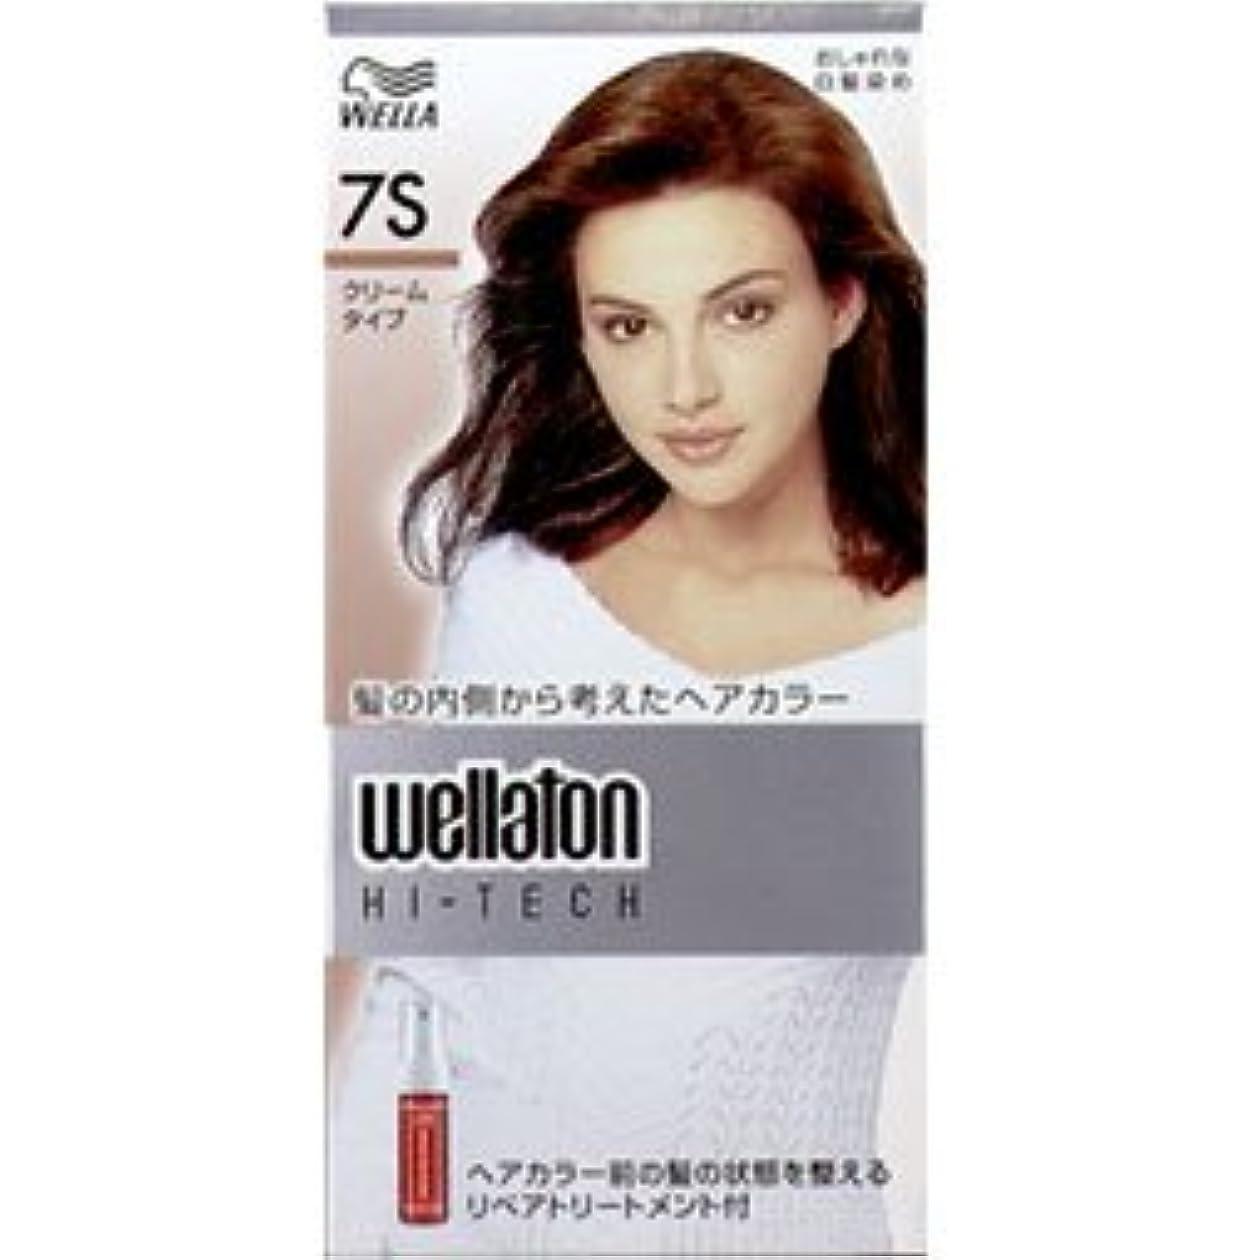 ポークオーストラリア人わずかに【ヘアケア】P&G ウエラ ウエラトーン ハイテッククリーム 7S 透明感のある明るい栗色 (医薬部外品) 白髪染めヘアカラー(女性用)×24点セット (4902565140602)